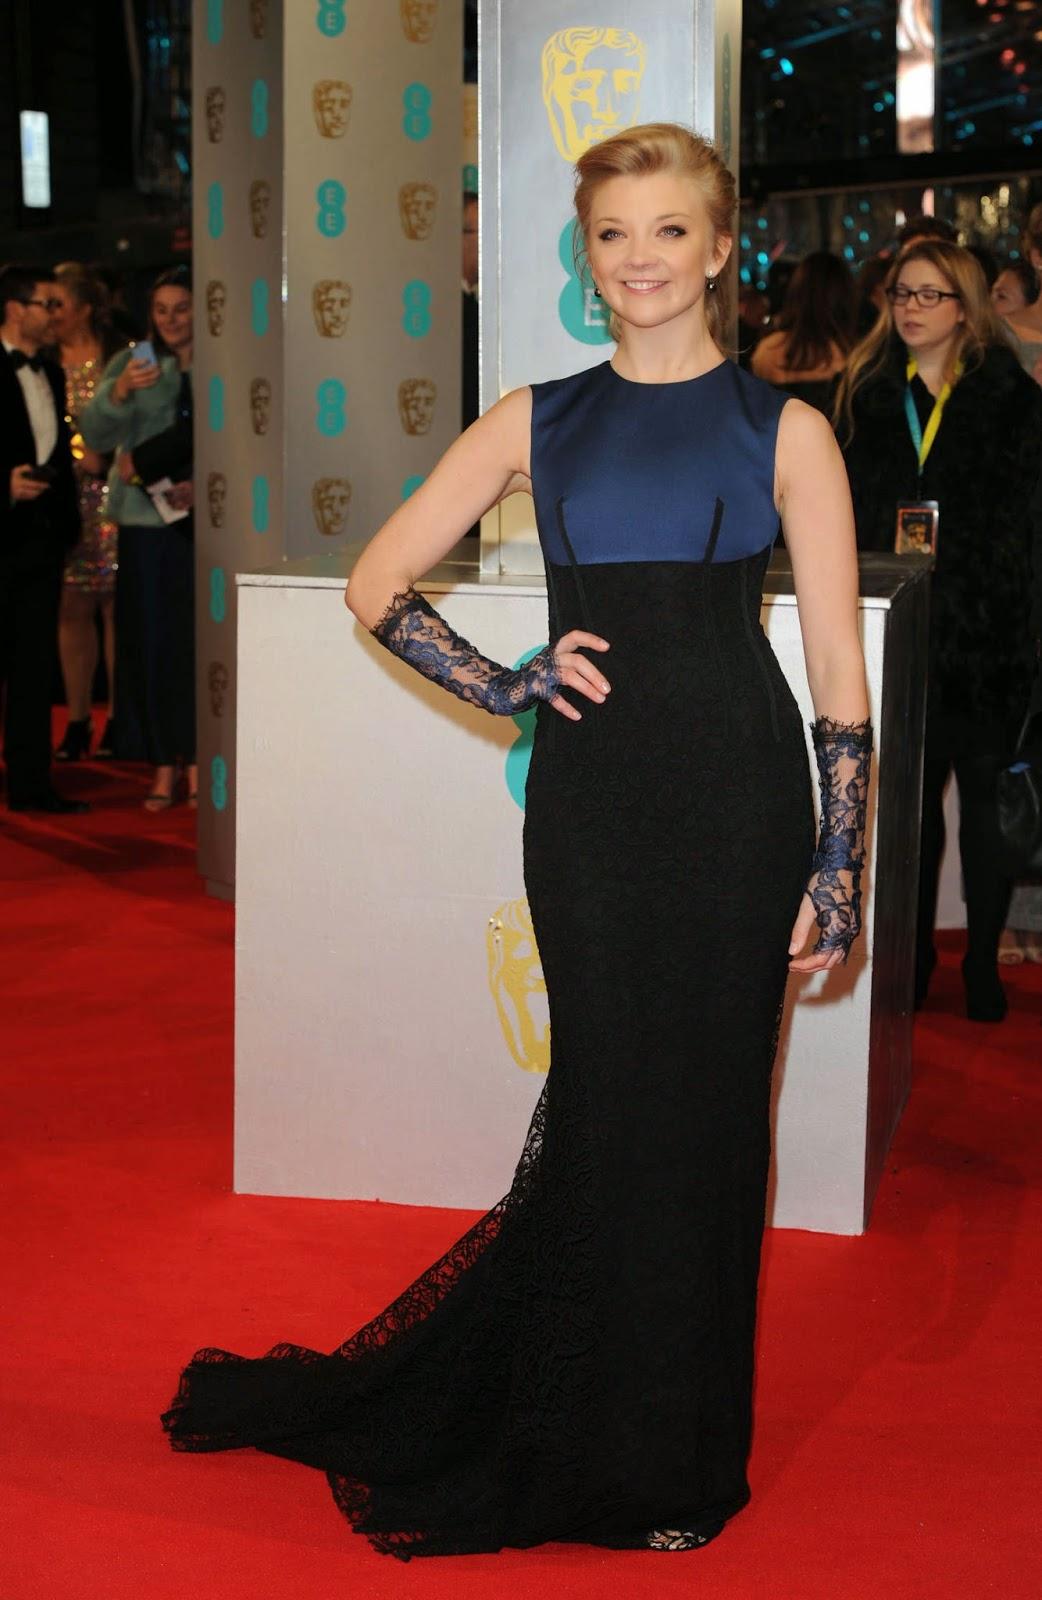 Natalie Dormer: BAFTA Awards 2015